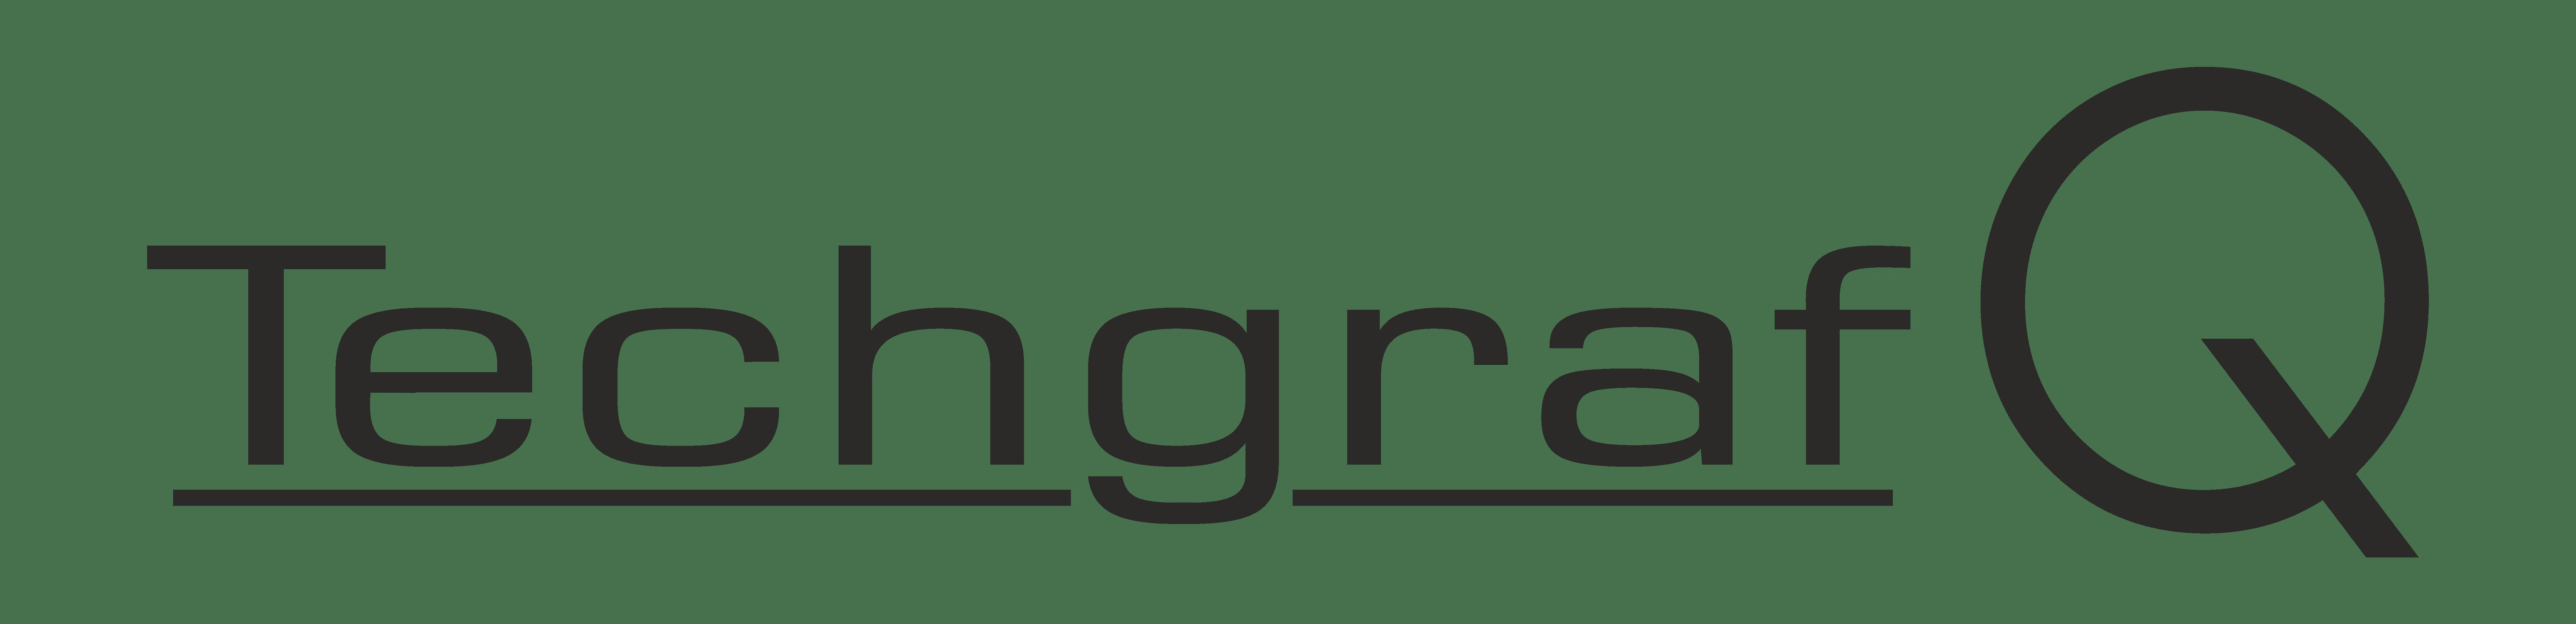 TechgrafQ